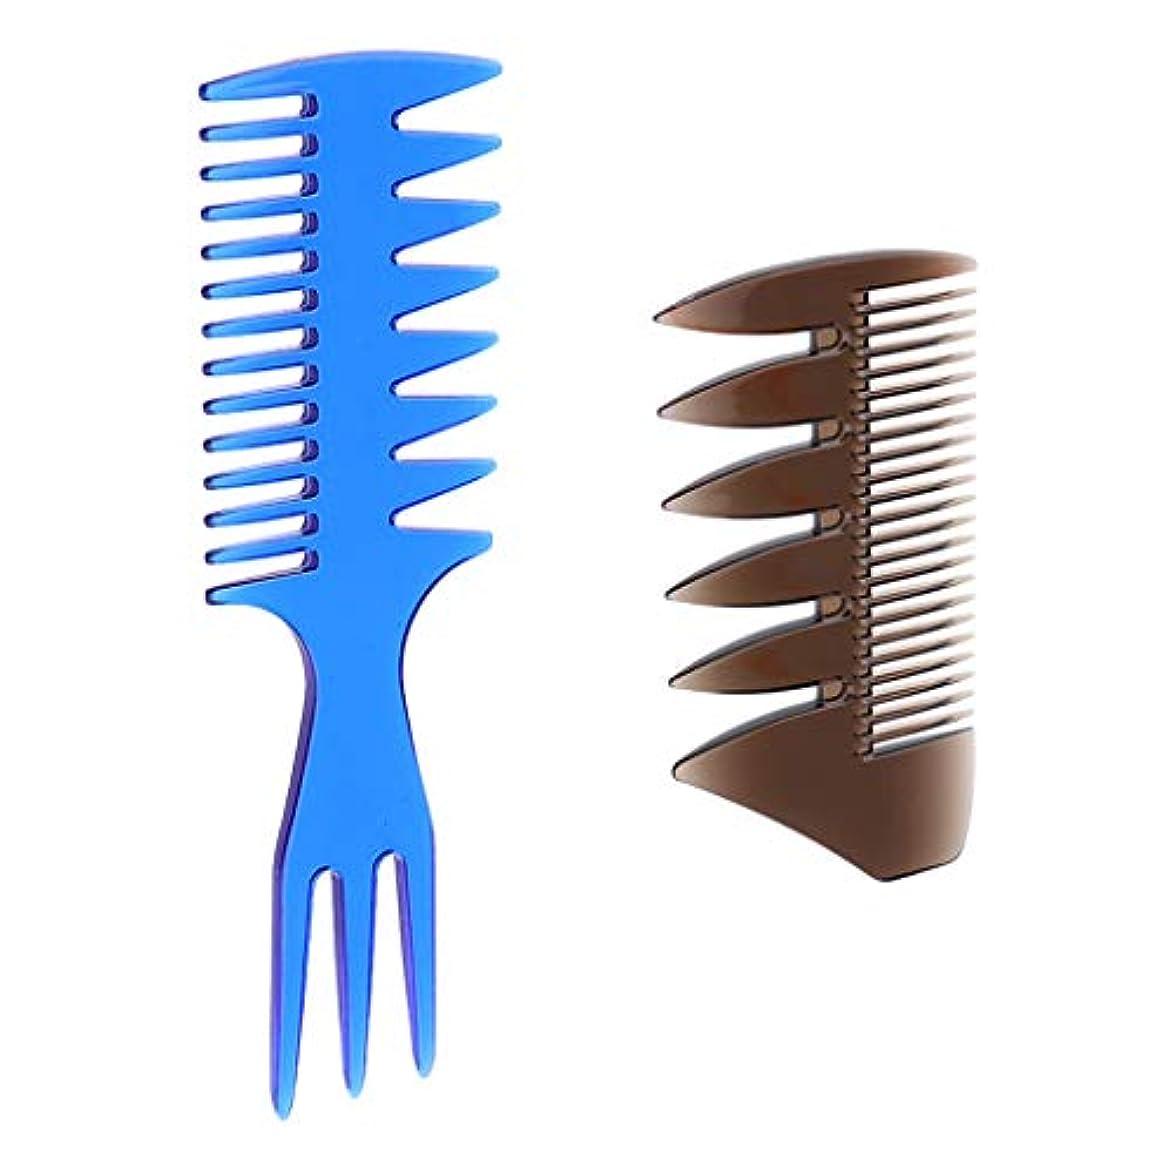 これら第二面積3-in-1櫛 2-in-1櫛 ヘアサロン 髪の櫛 静電気防止櫛 2個